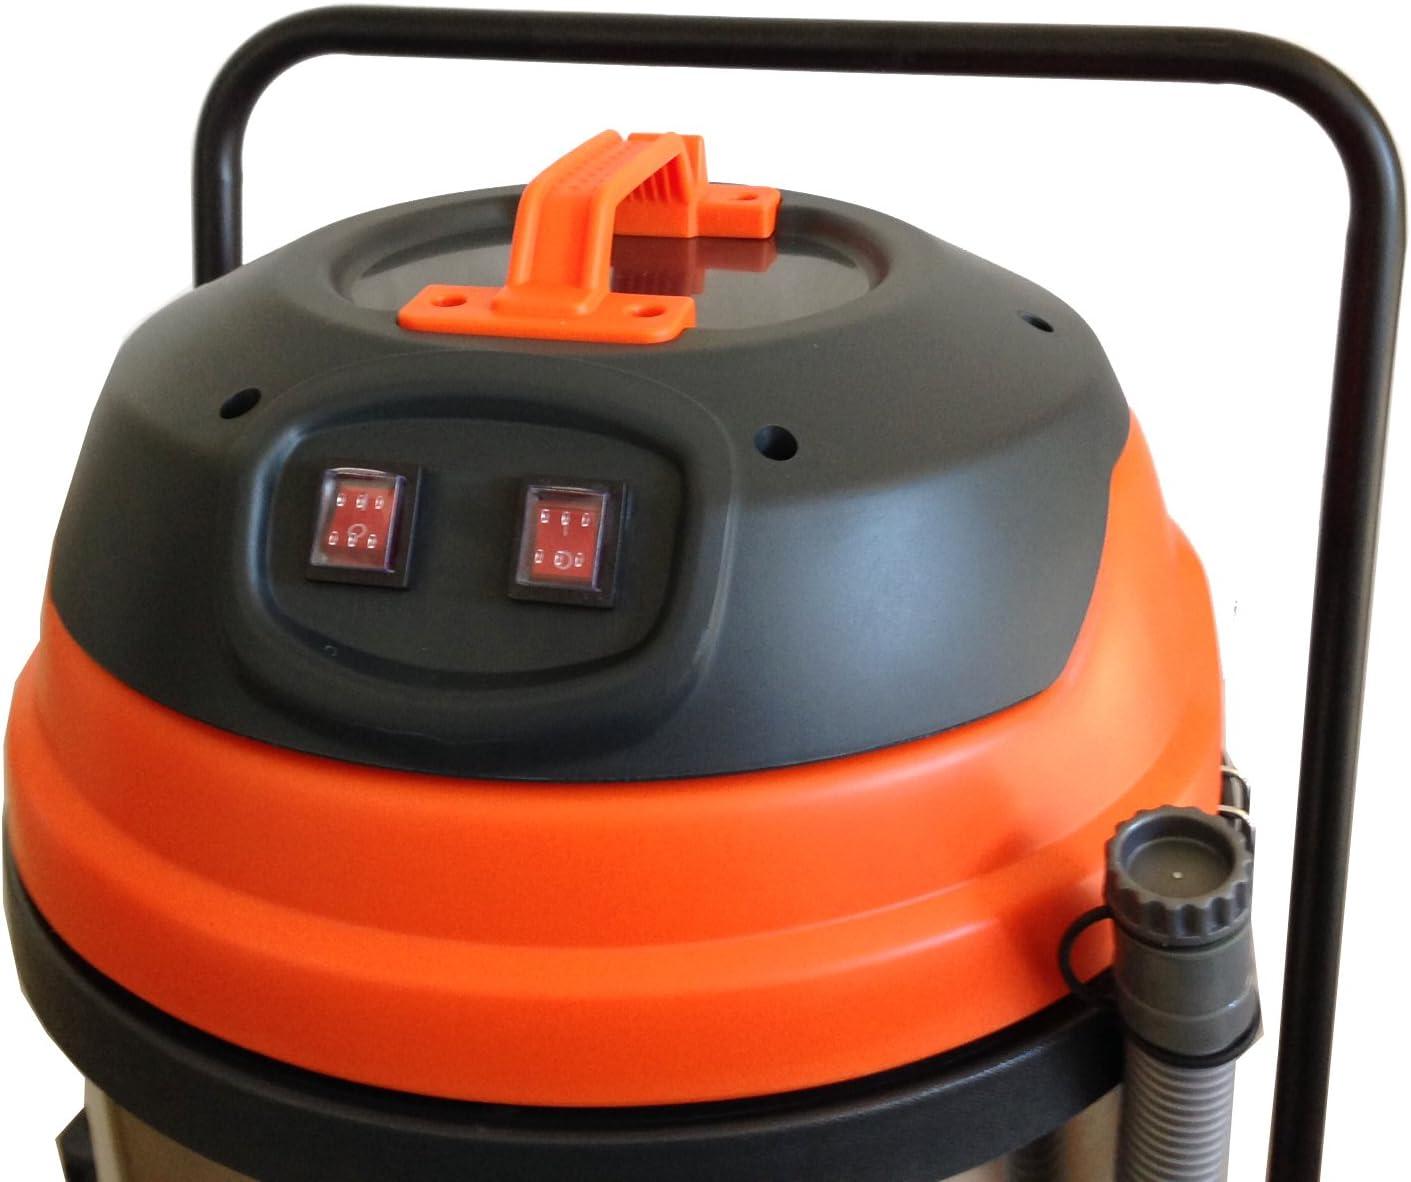 Aspiradora Industrial húmeda/Seca – 2 Motores – 21 galones JM773: Amazon.es: Hogar